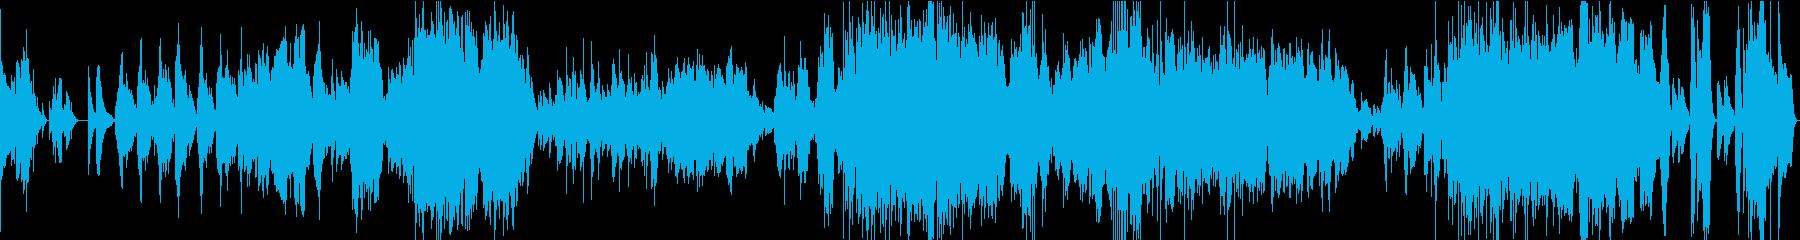 バラード第1番/ショパン・アコギの再生済みの波形